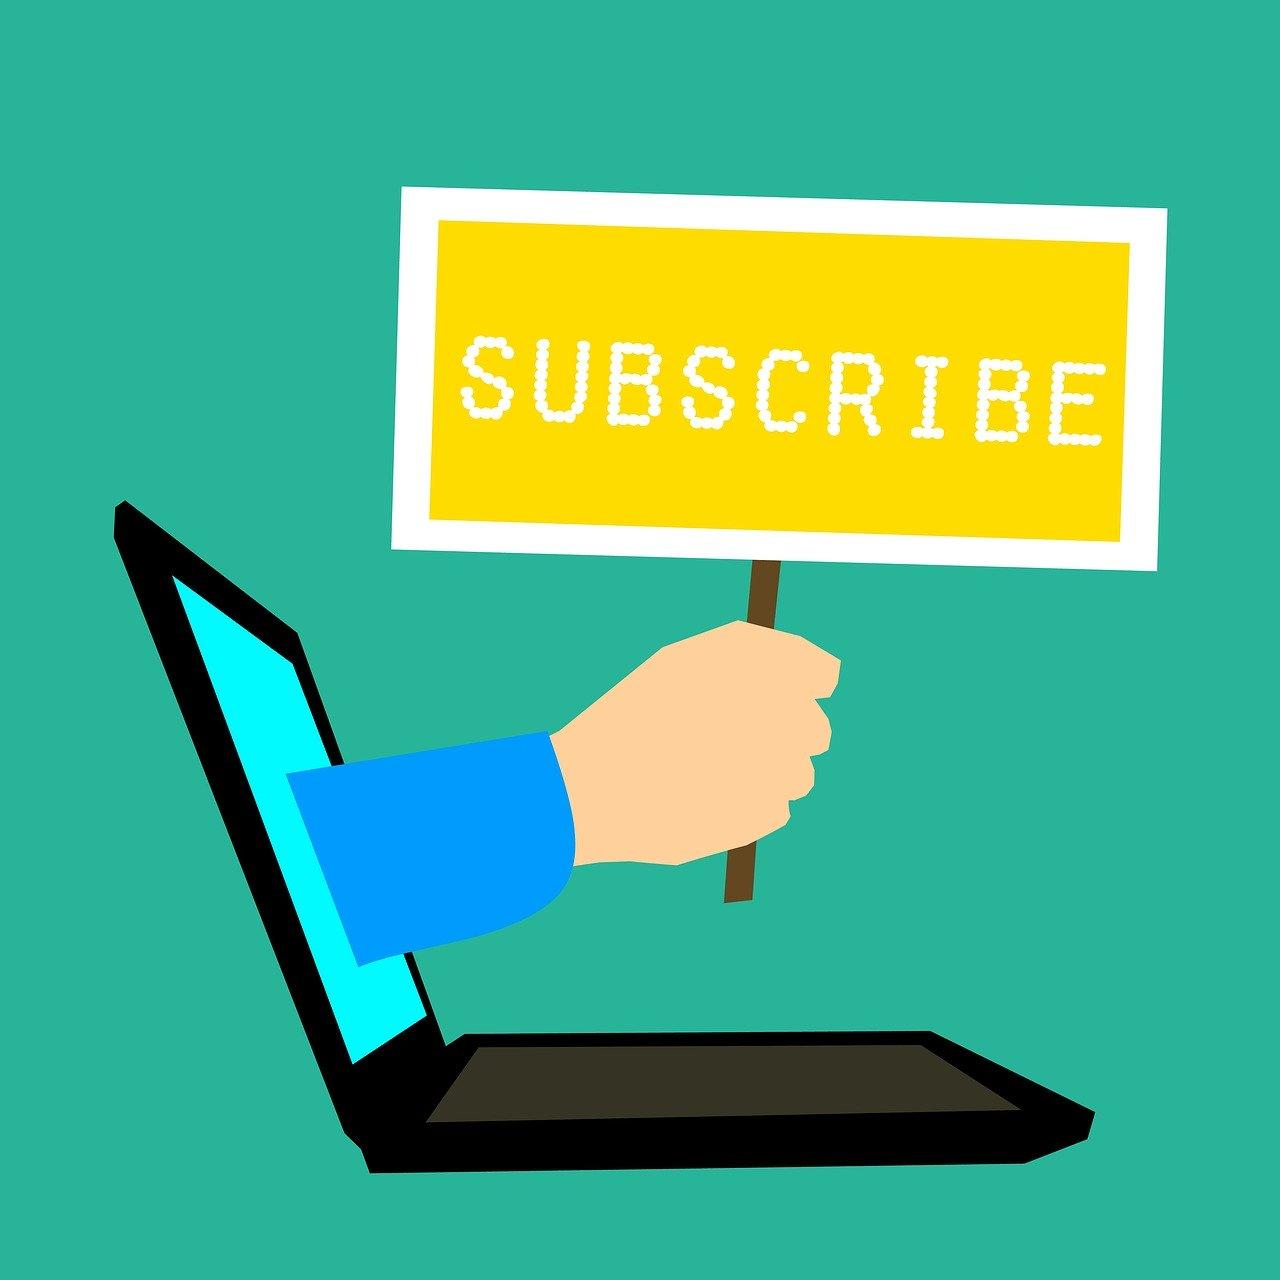 Youtuberはチャンネル登録者数を増やすべき?登録者数が増えるメリット・デメリット